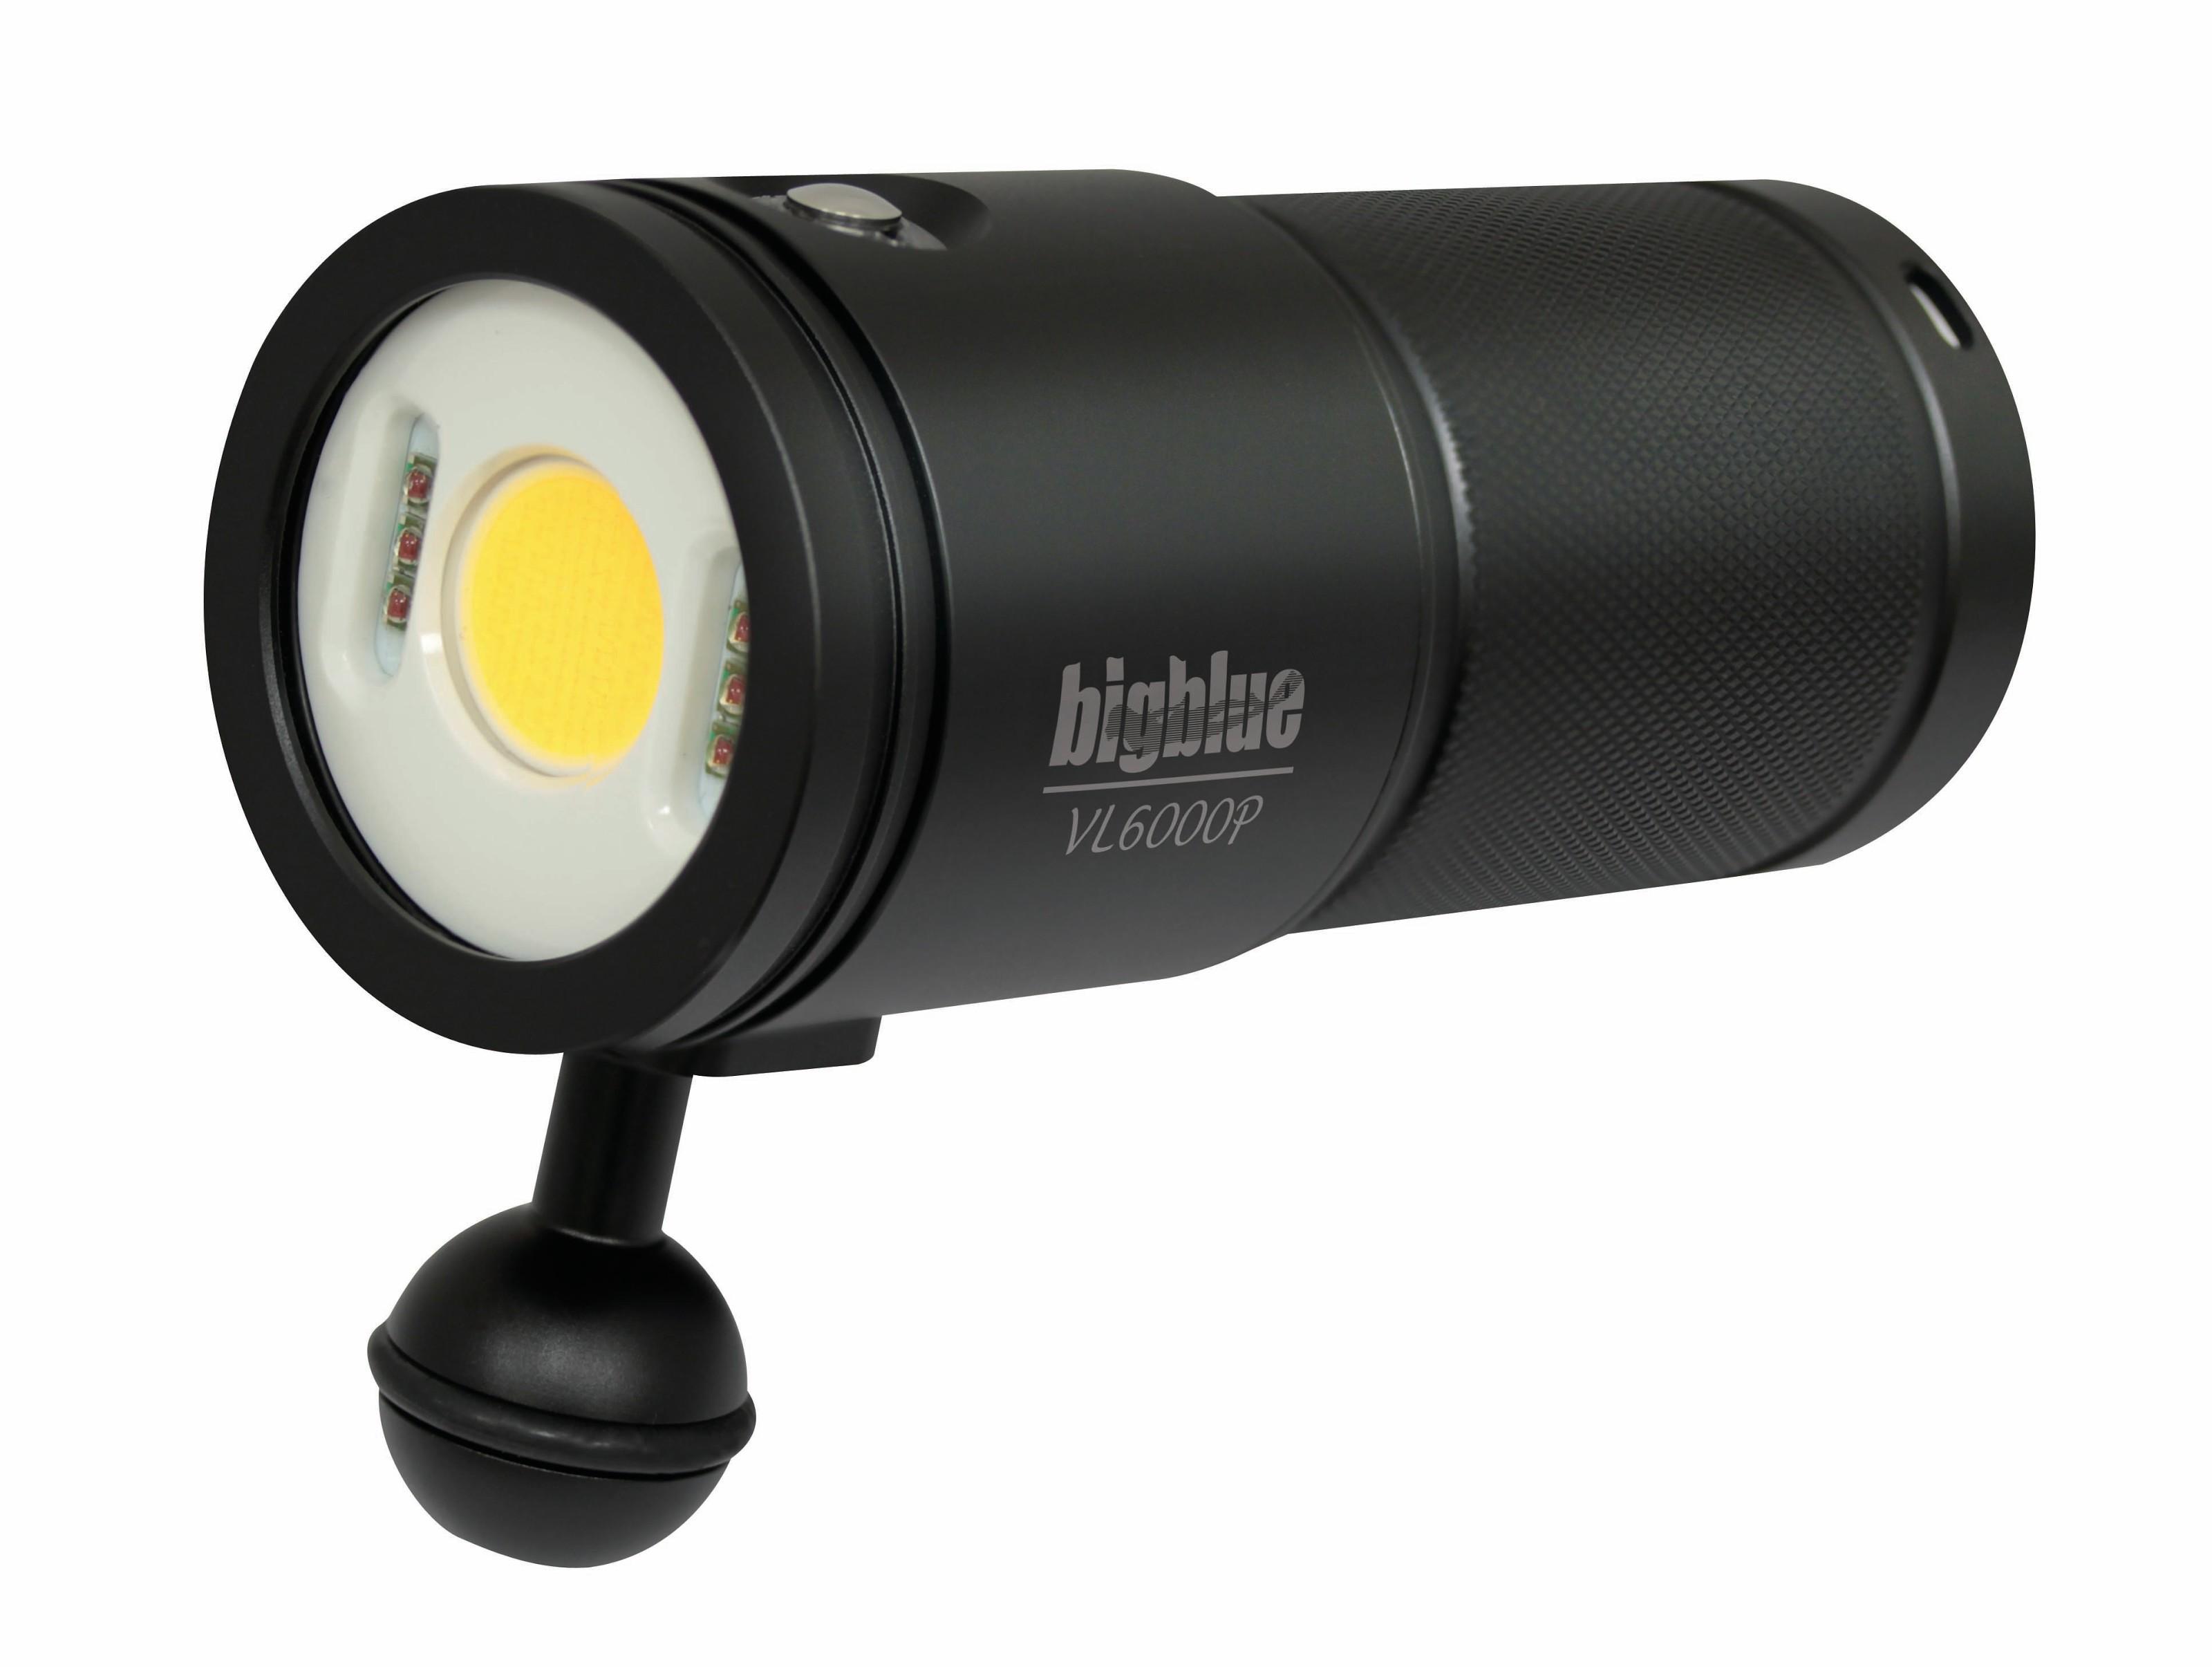 BIGBLUE VL6000P